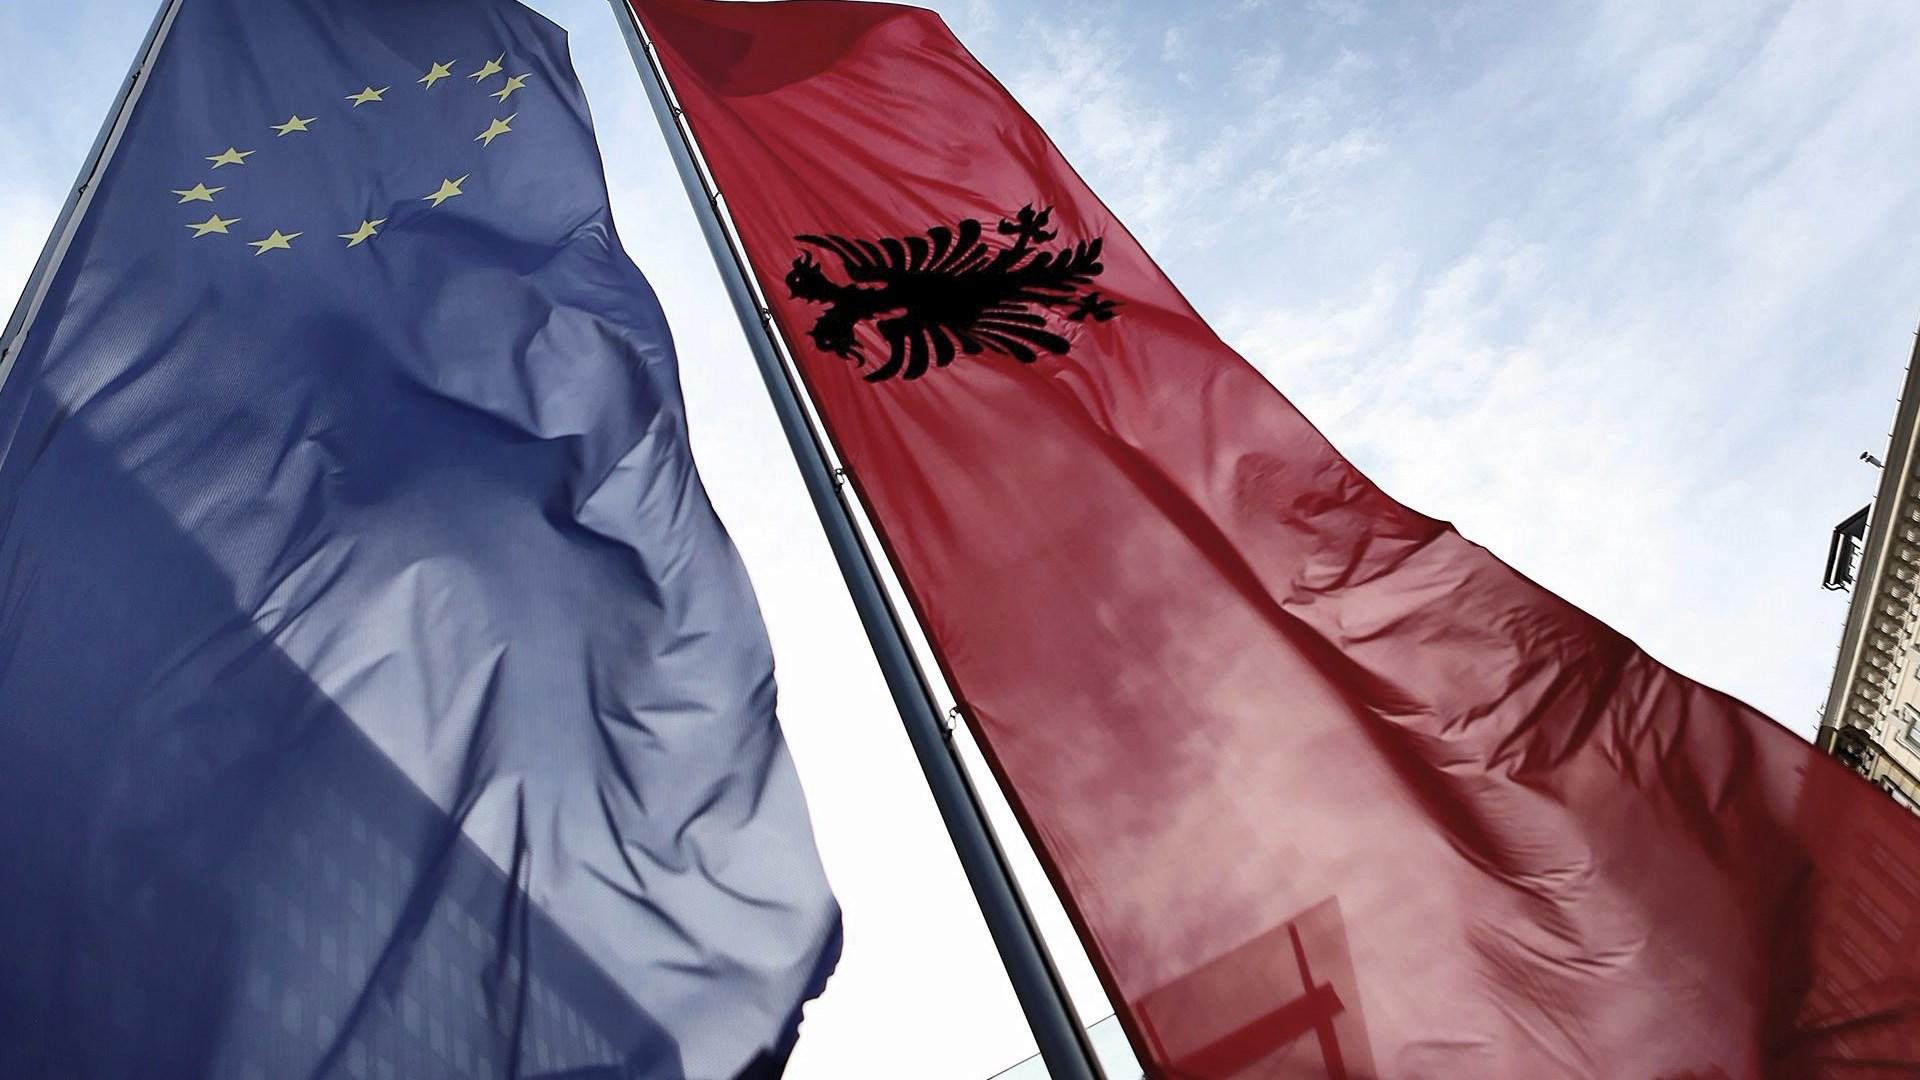 Përpjekjet e Shqipërisë për të qenë pjesë e BE që nga 1991 deri sot